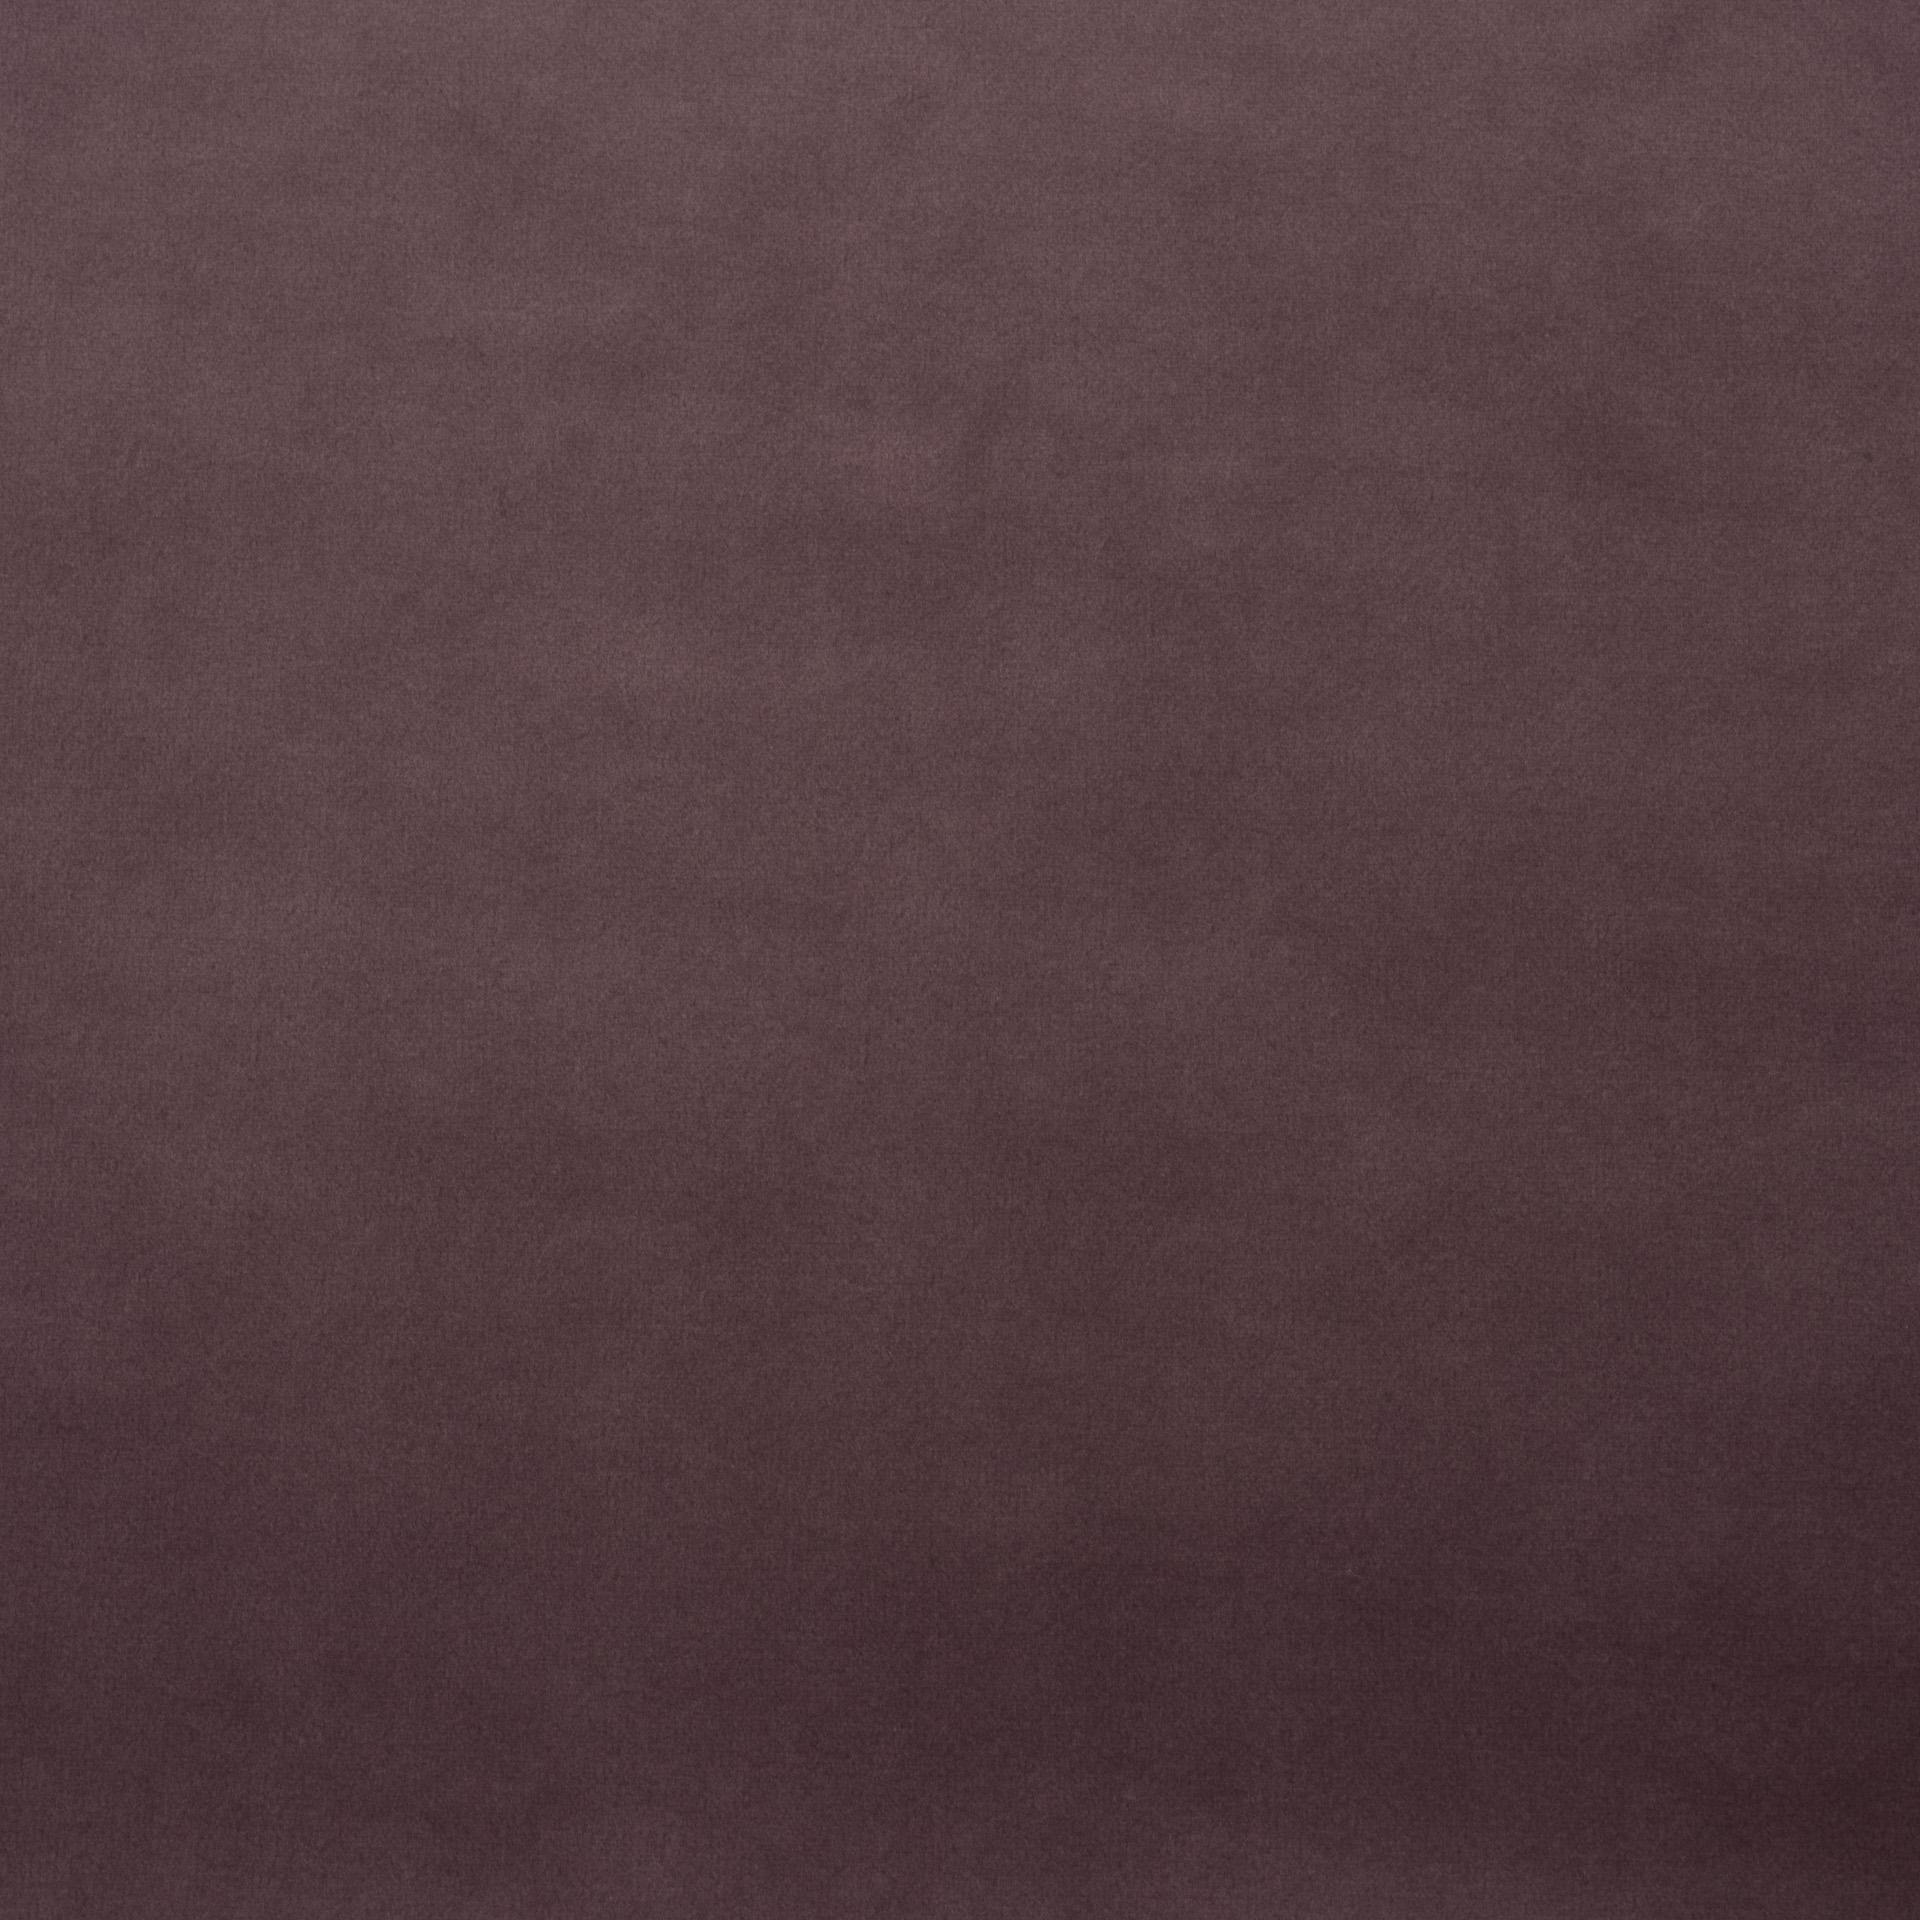 Коллекция ткани Альмира 04 LAVANDA FIELD,  купить ткань Велюр для мебели Украина